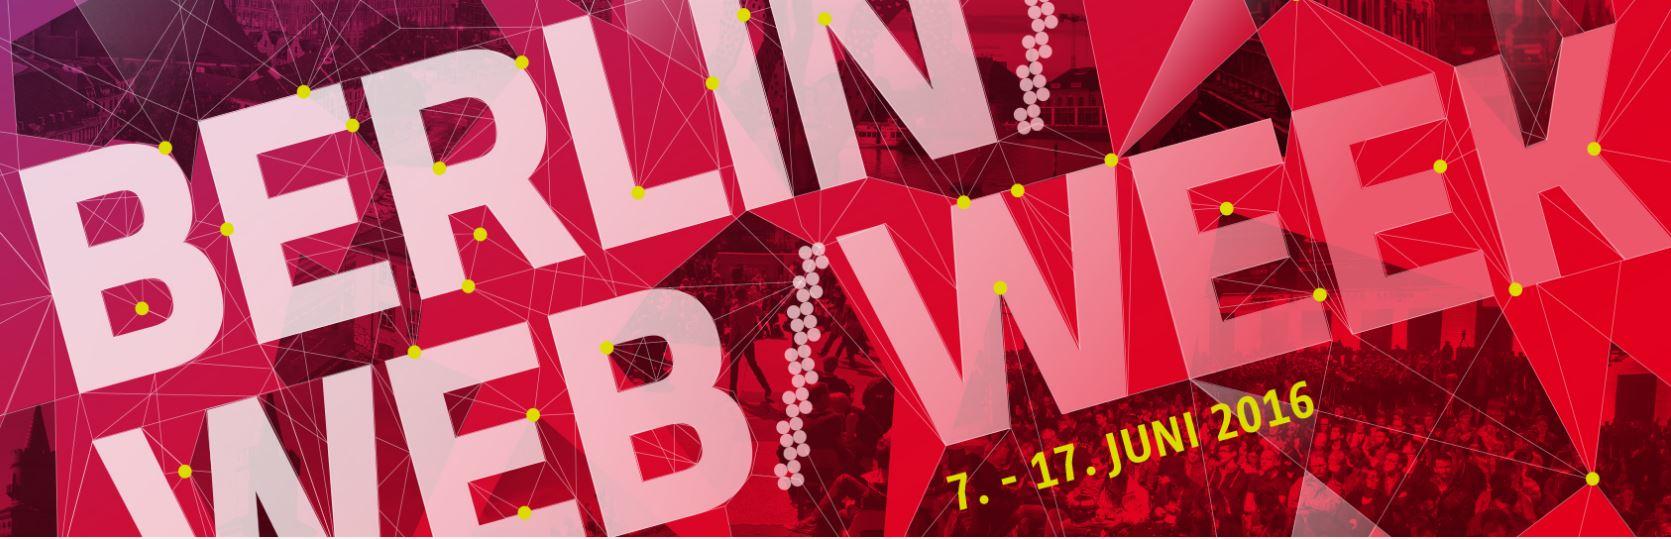 Berlin Web week